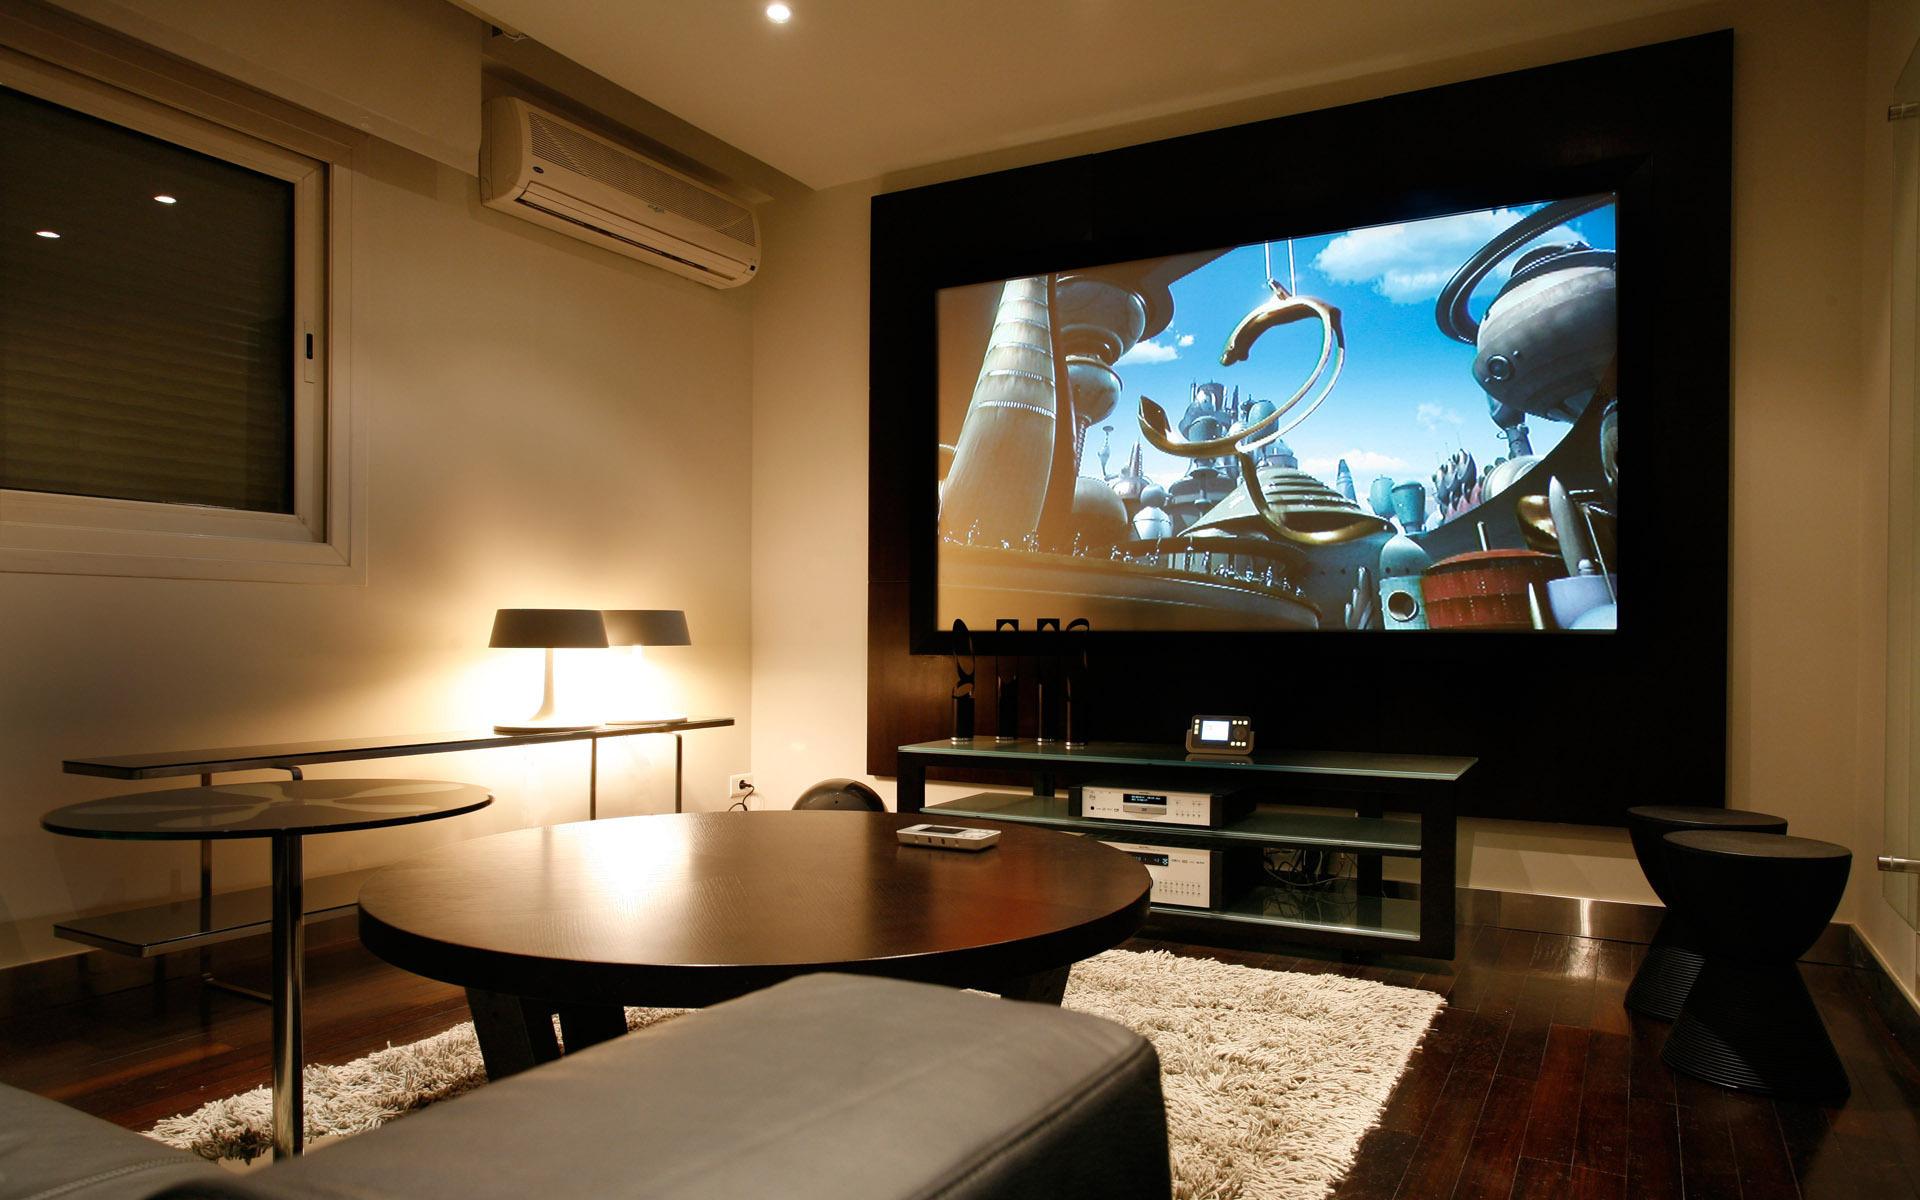 Картинки квартир с телевизором